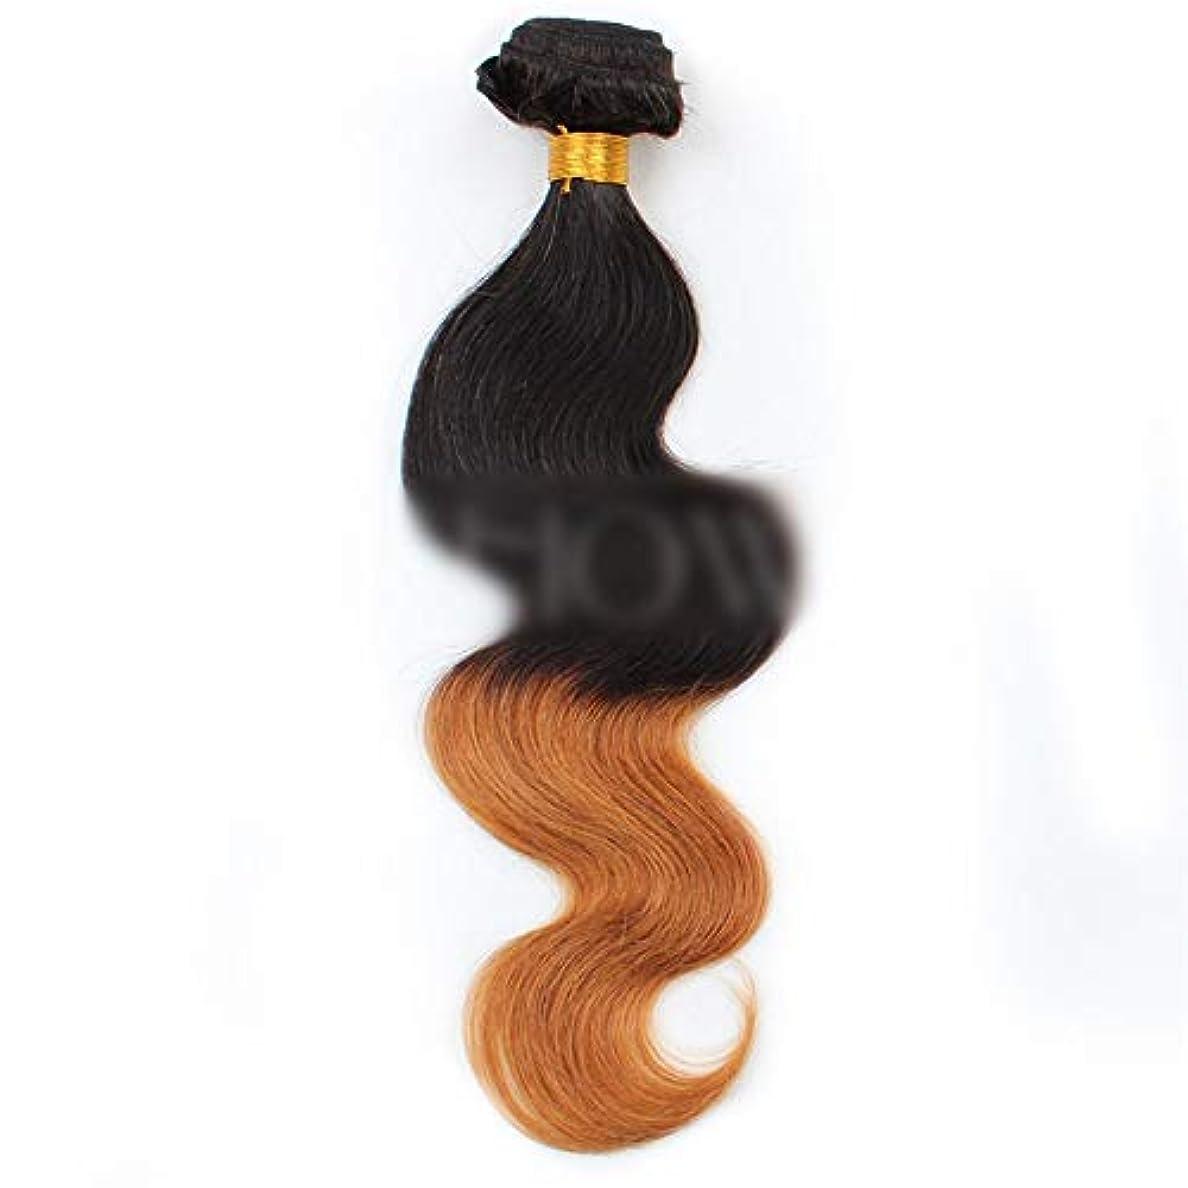 赤字小麦粉絶え間ないBOBIDYEE ブラジルの人間の髪の毛のボディ織り方ヘアエクステンション-1B / 30#黒から茶色へのグラデーショングラデーションカラー髪の織り方1バンドル、100g合成髪レースかつらロールプレイングかつら長くて短い...